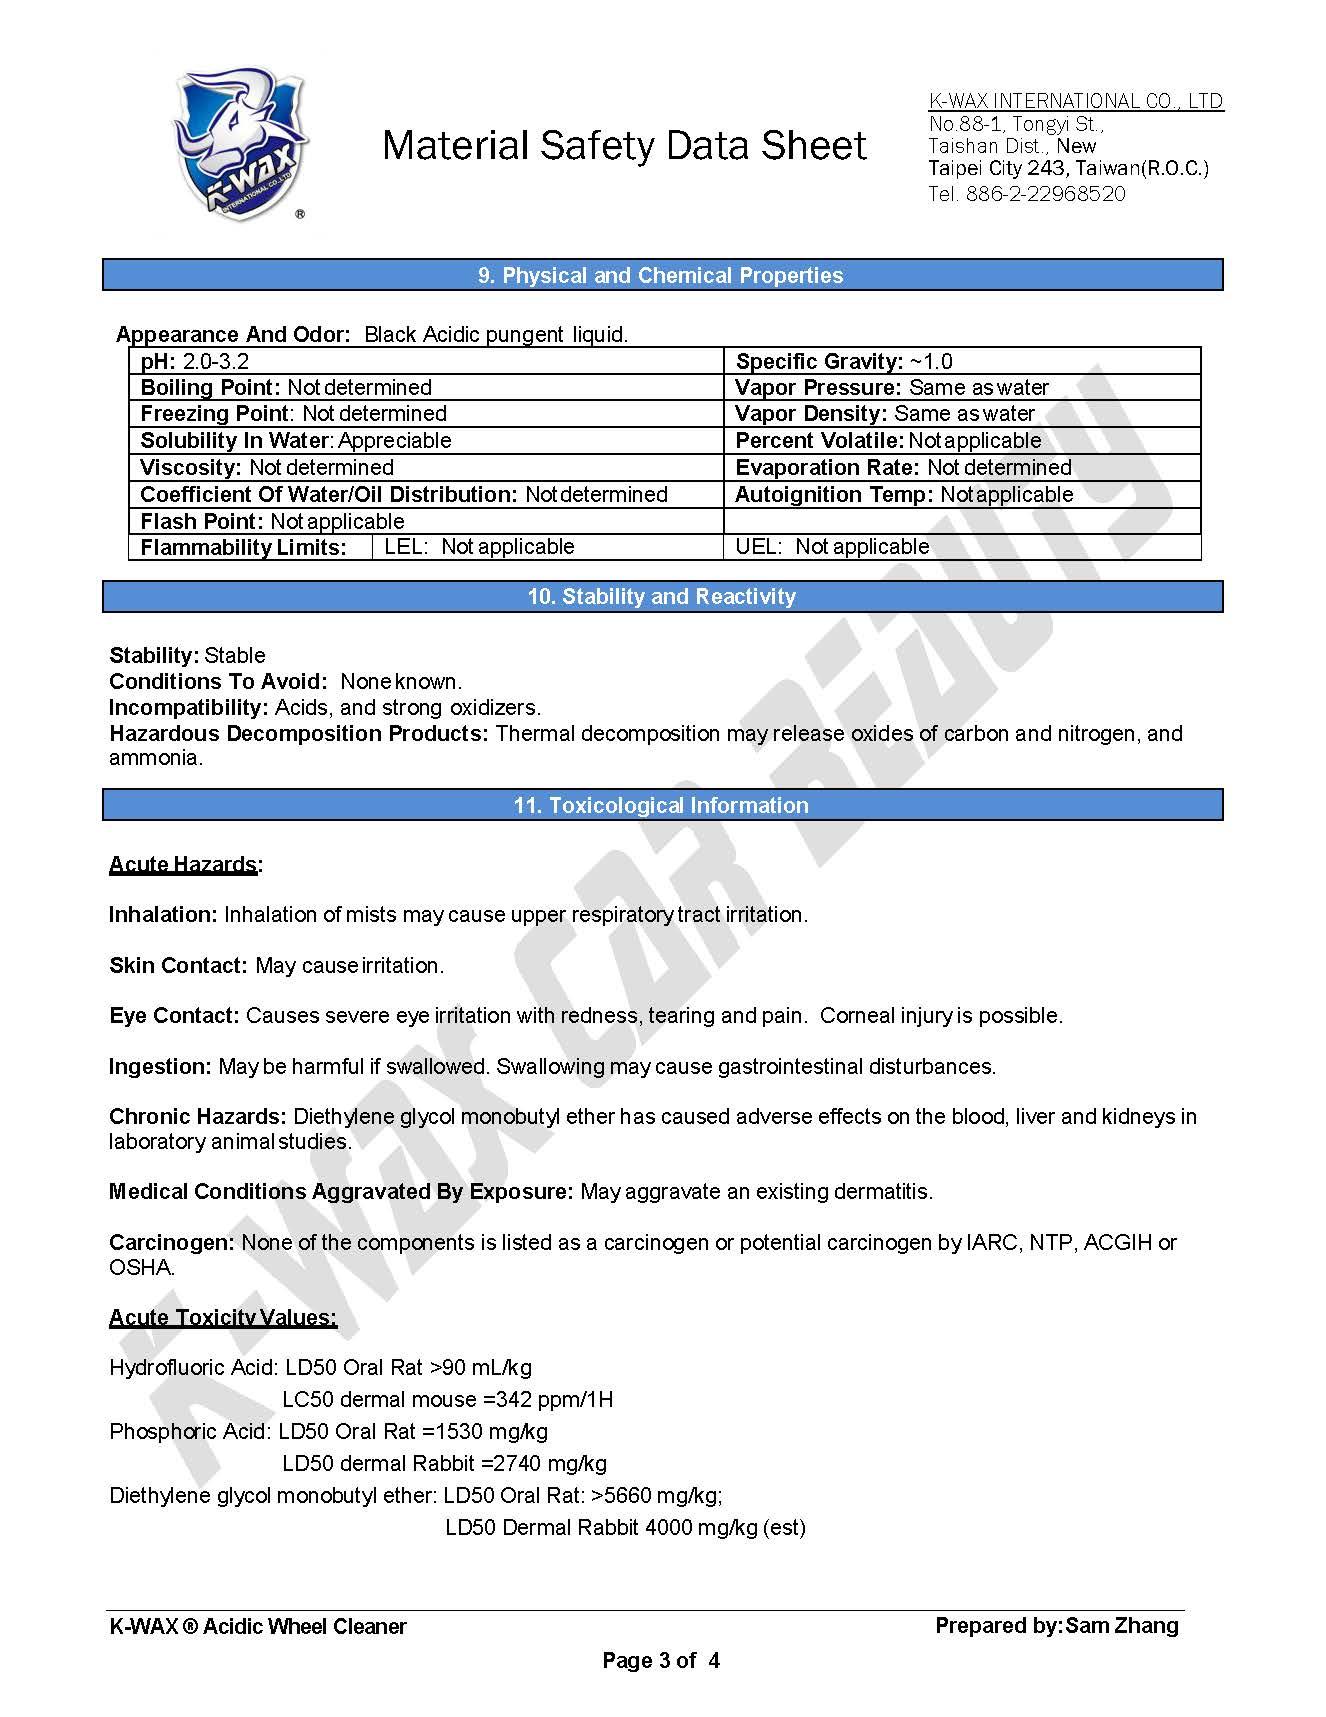 酸性鋼圈劑 MSDS_页面_3.jpg